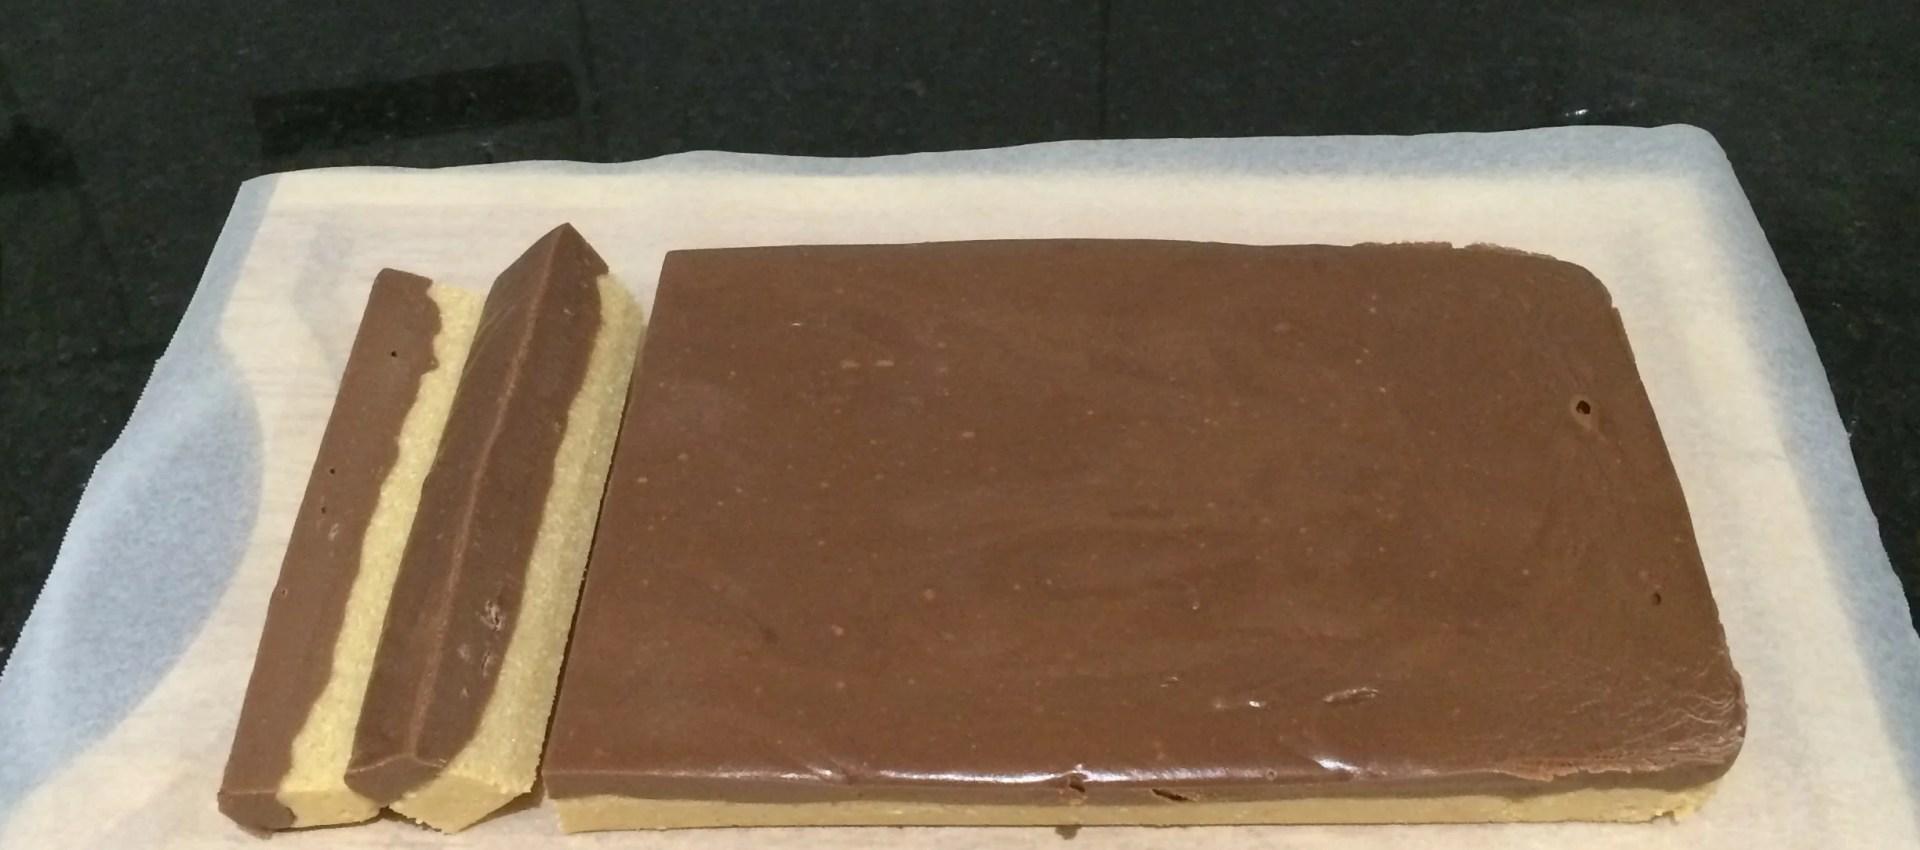 Caramello-Choc-Fudge-Slice-1